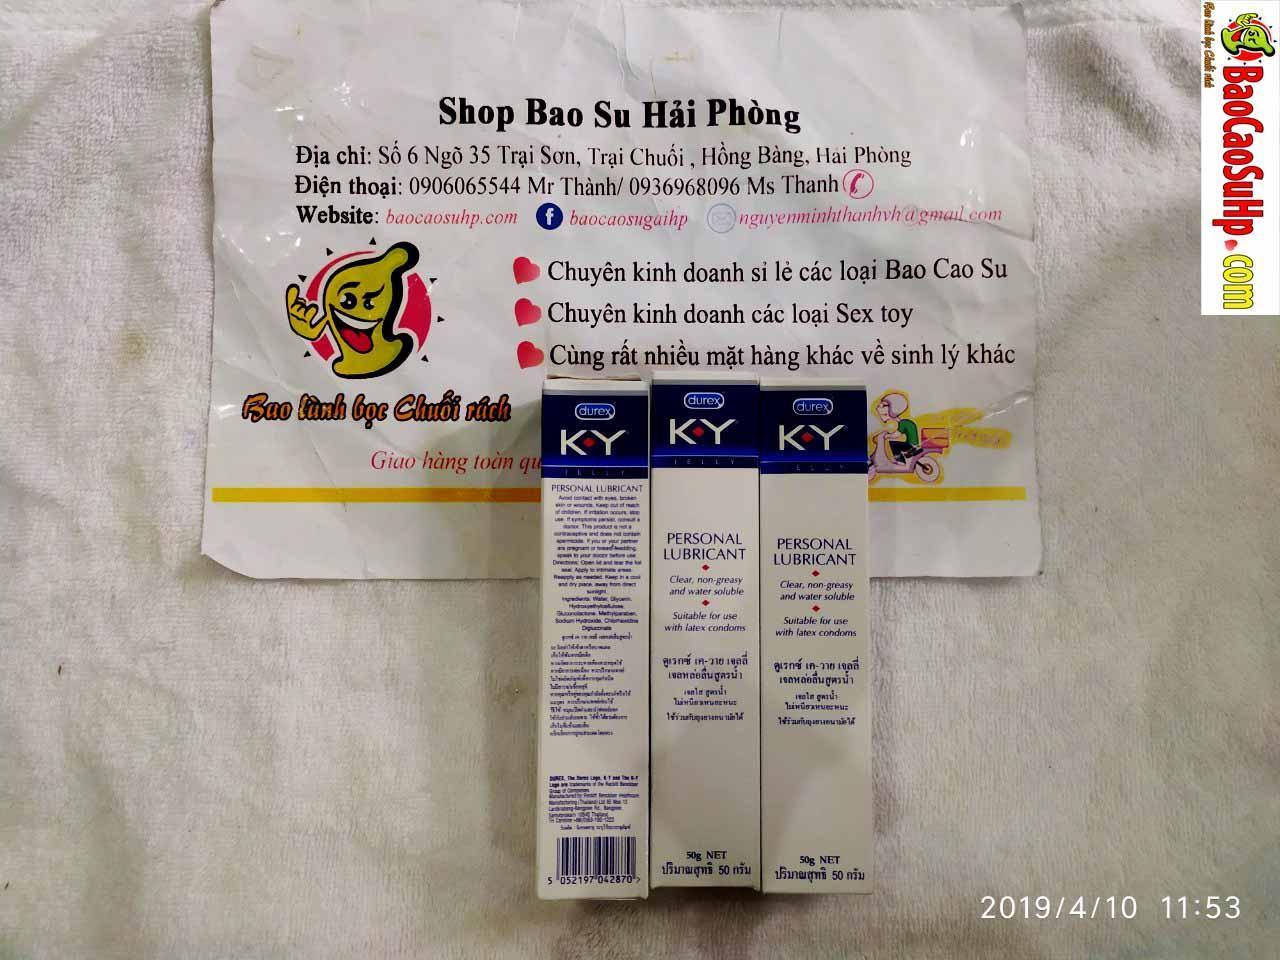 20190411214709 4371462 gel boi tron durex ky - Bao cao su nhà nghỉ, chai xịt kéo dài thời gian quan hê hàng về 11.04.2019